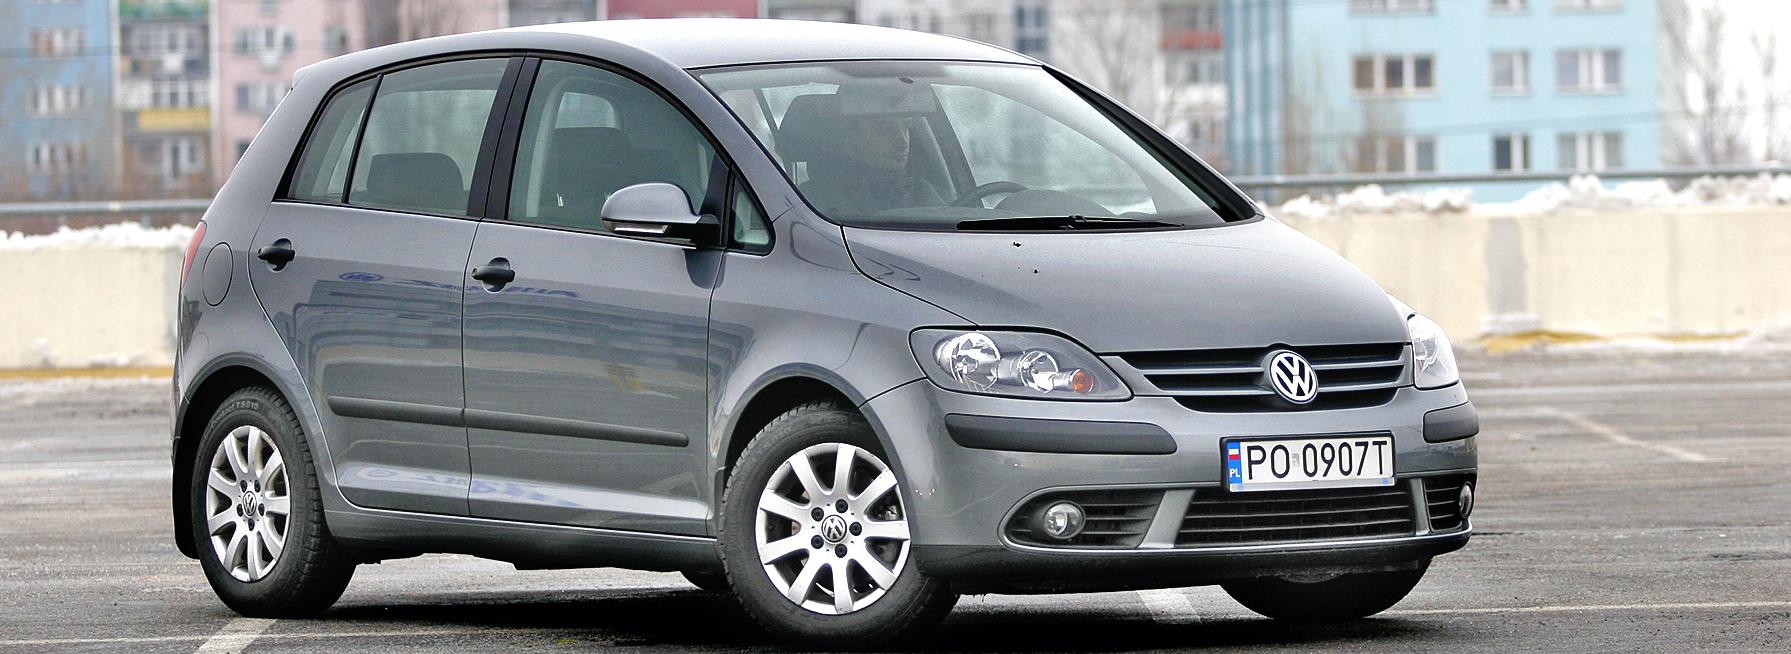 VW Golf Plus (2005-2014)